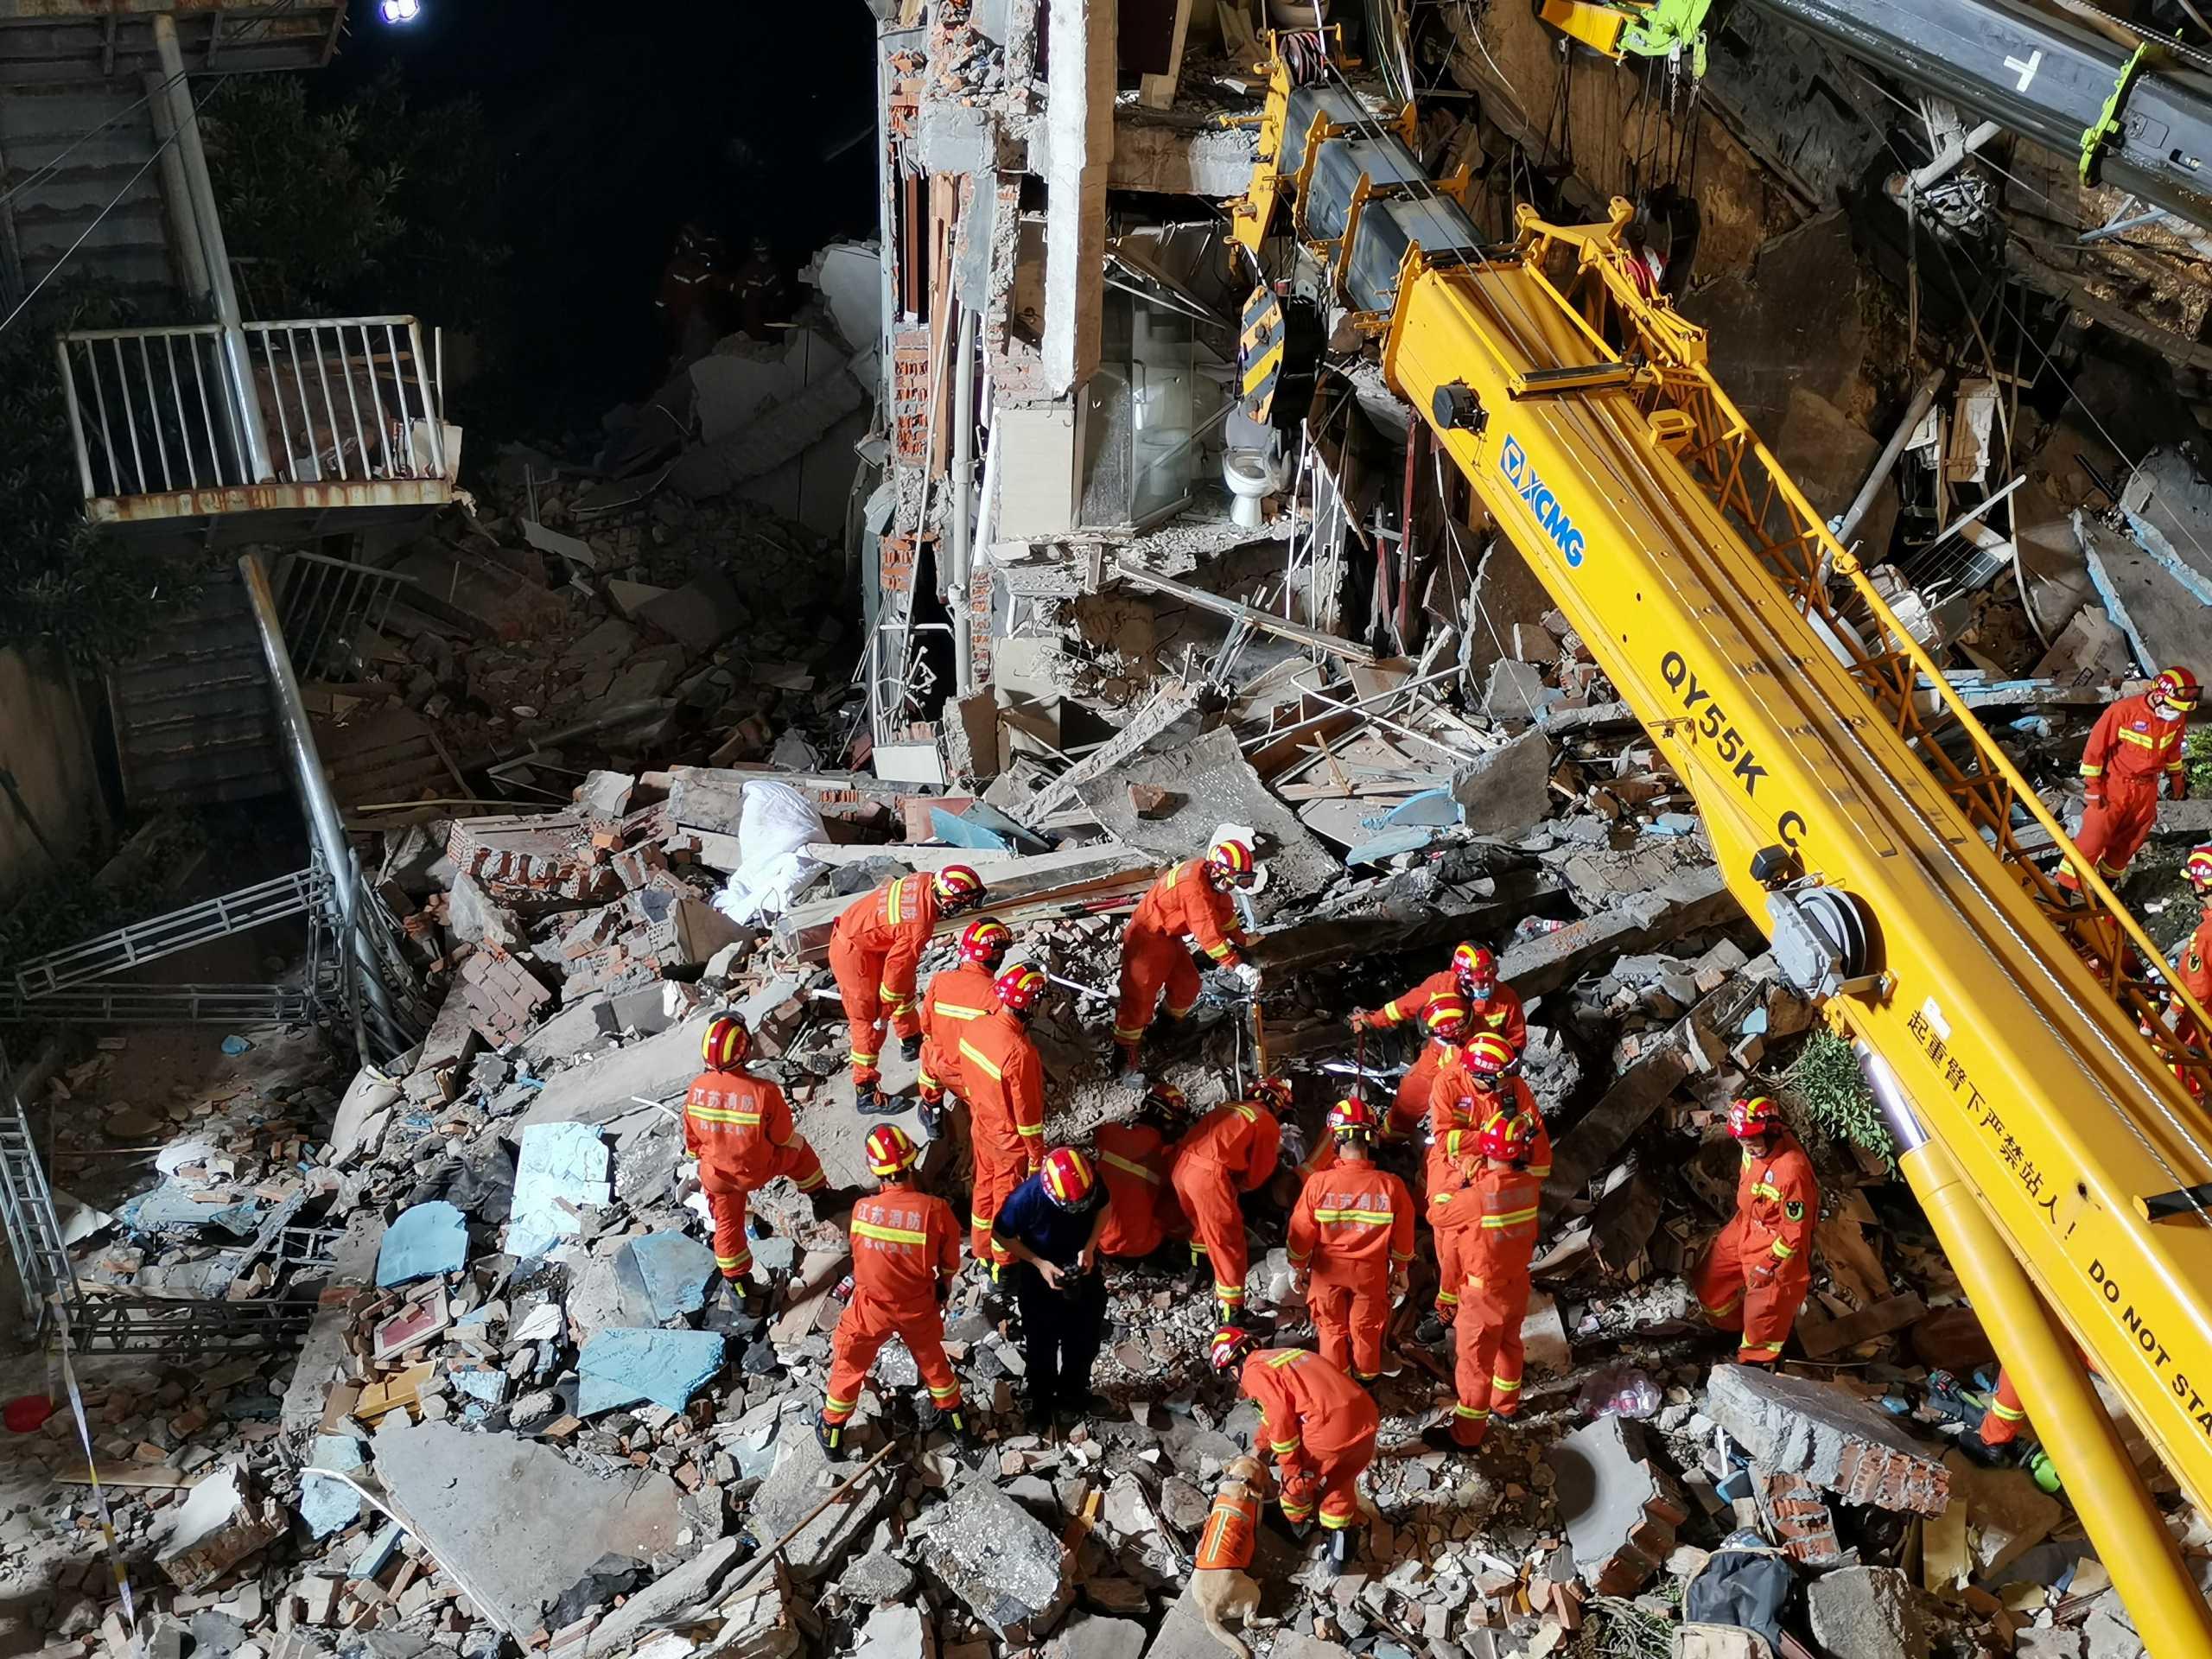 Κίνα: Κατάρρευση ξενοδοχείου στην Σουτσόου – 8 νεκροί και 9 αγνοούμενοι